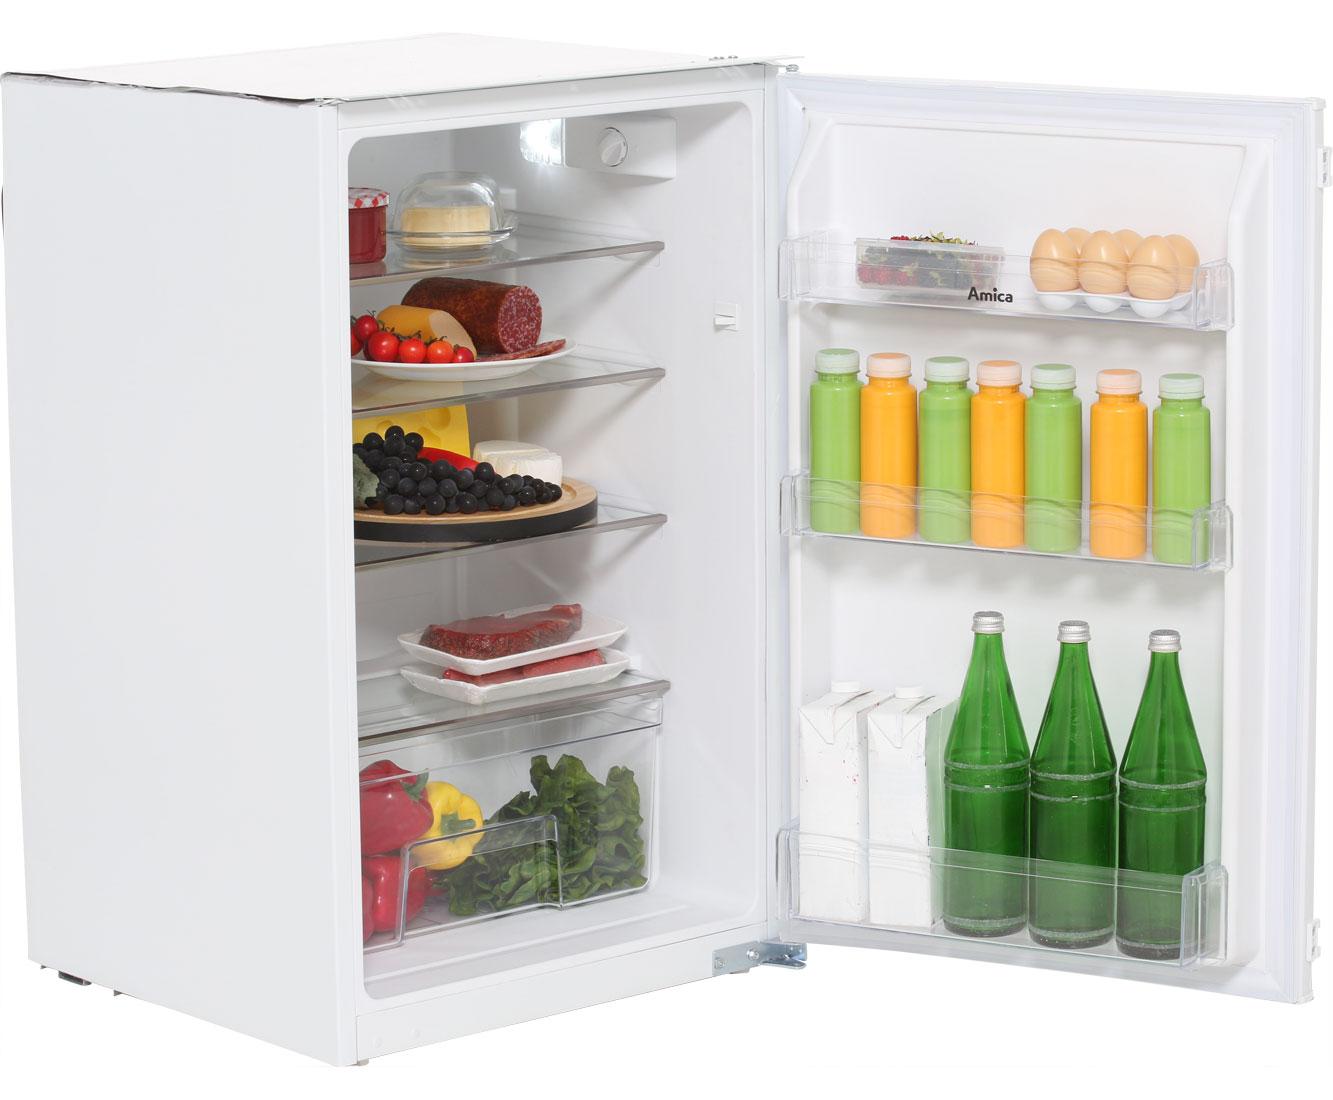 Amica Kühlschrank Mit Gefrierfach Retro : Amica kühlschrank erfahrung kühlschrank modelle